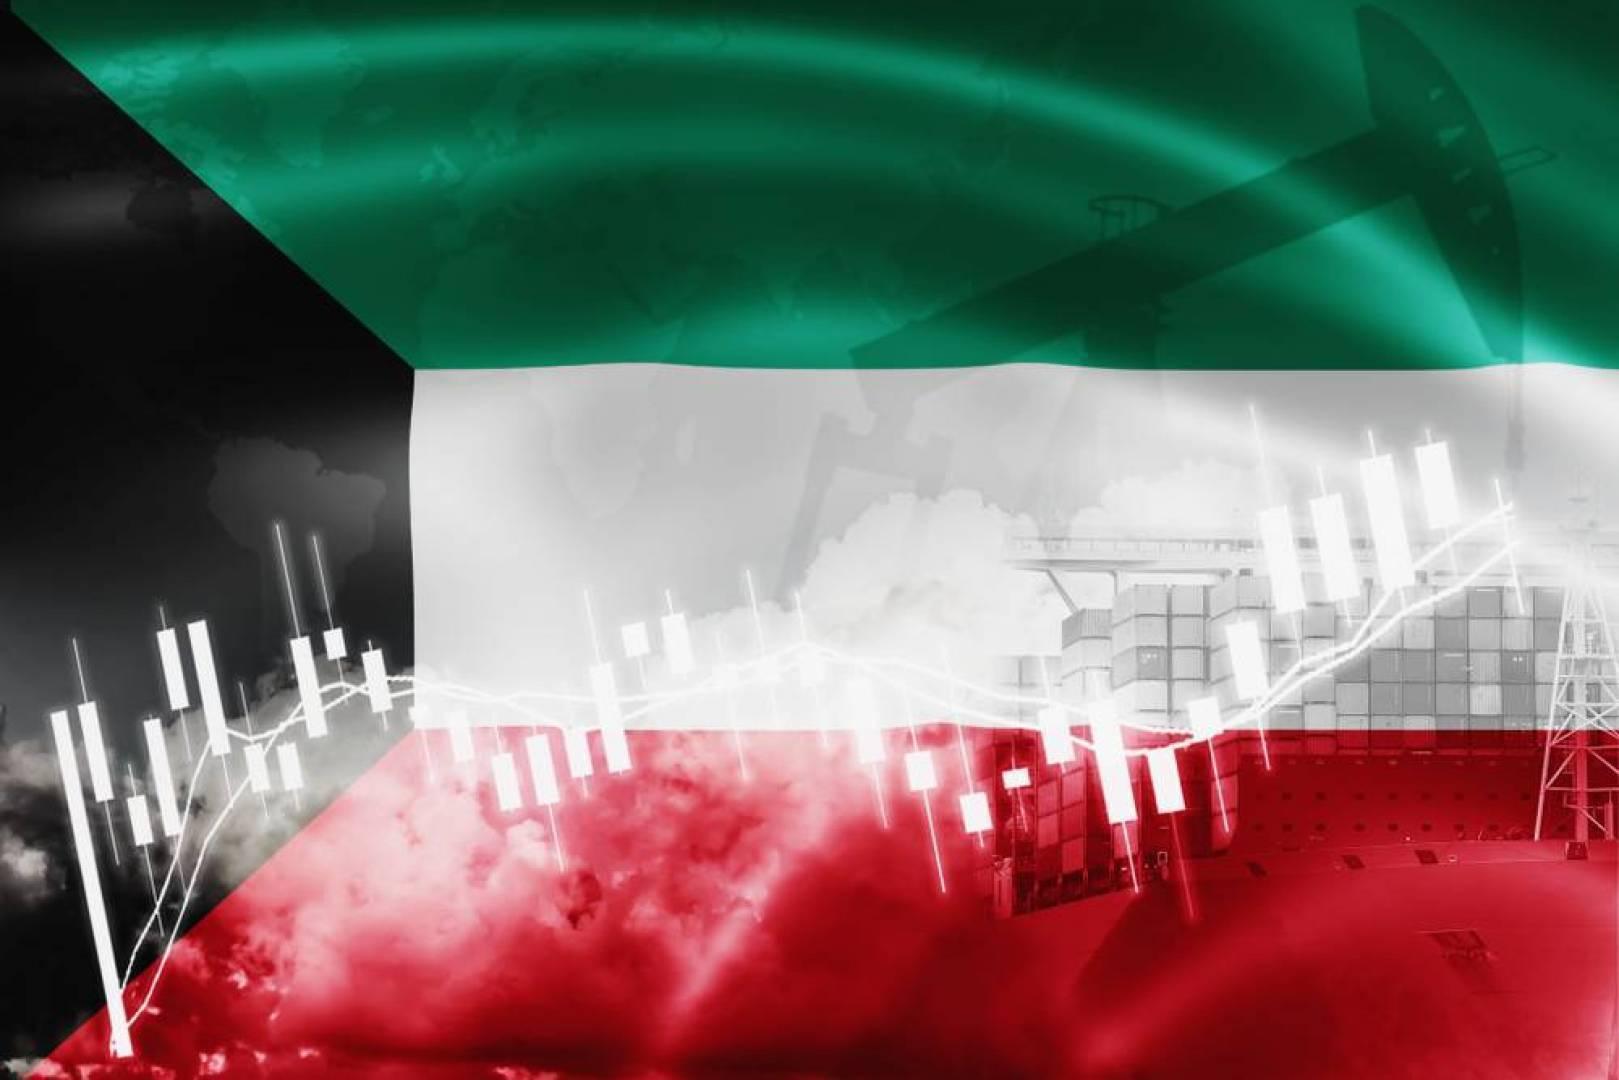 النفط الكويتي يرتفع 94 سنتاً ليبلغ 55.36 دولار للبرميل